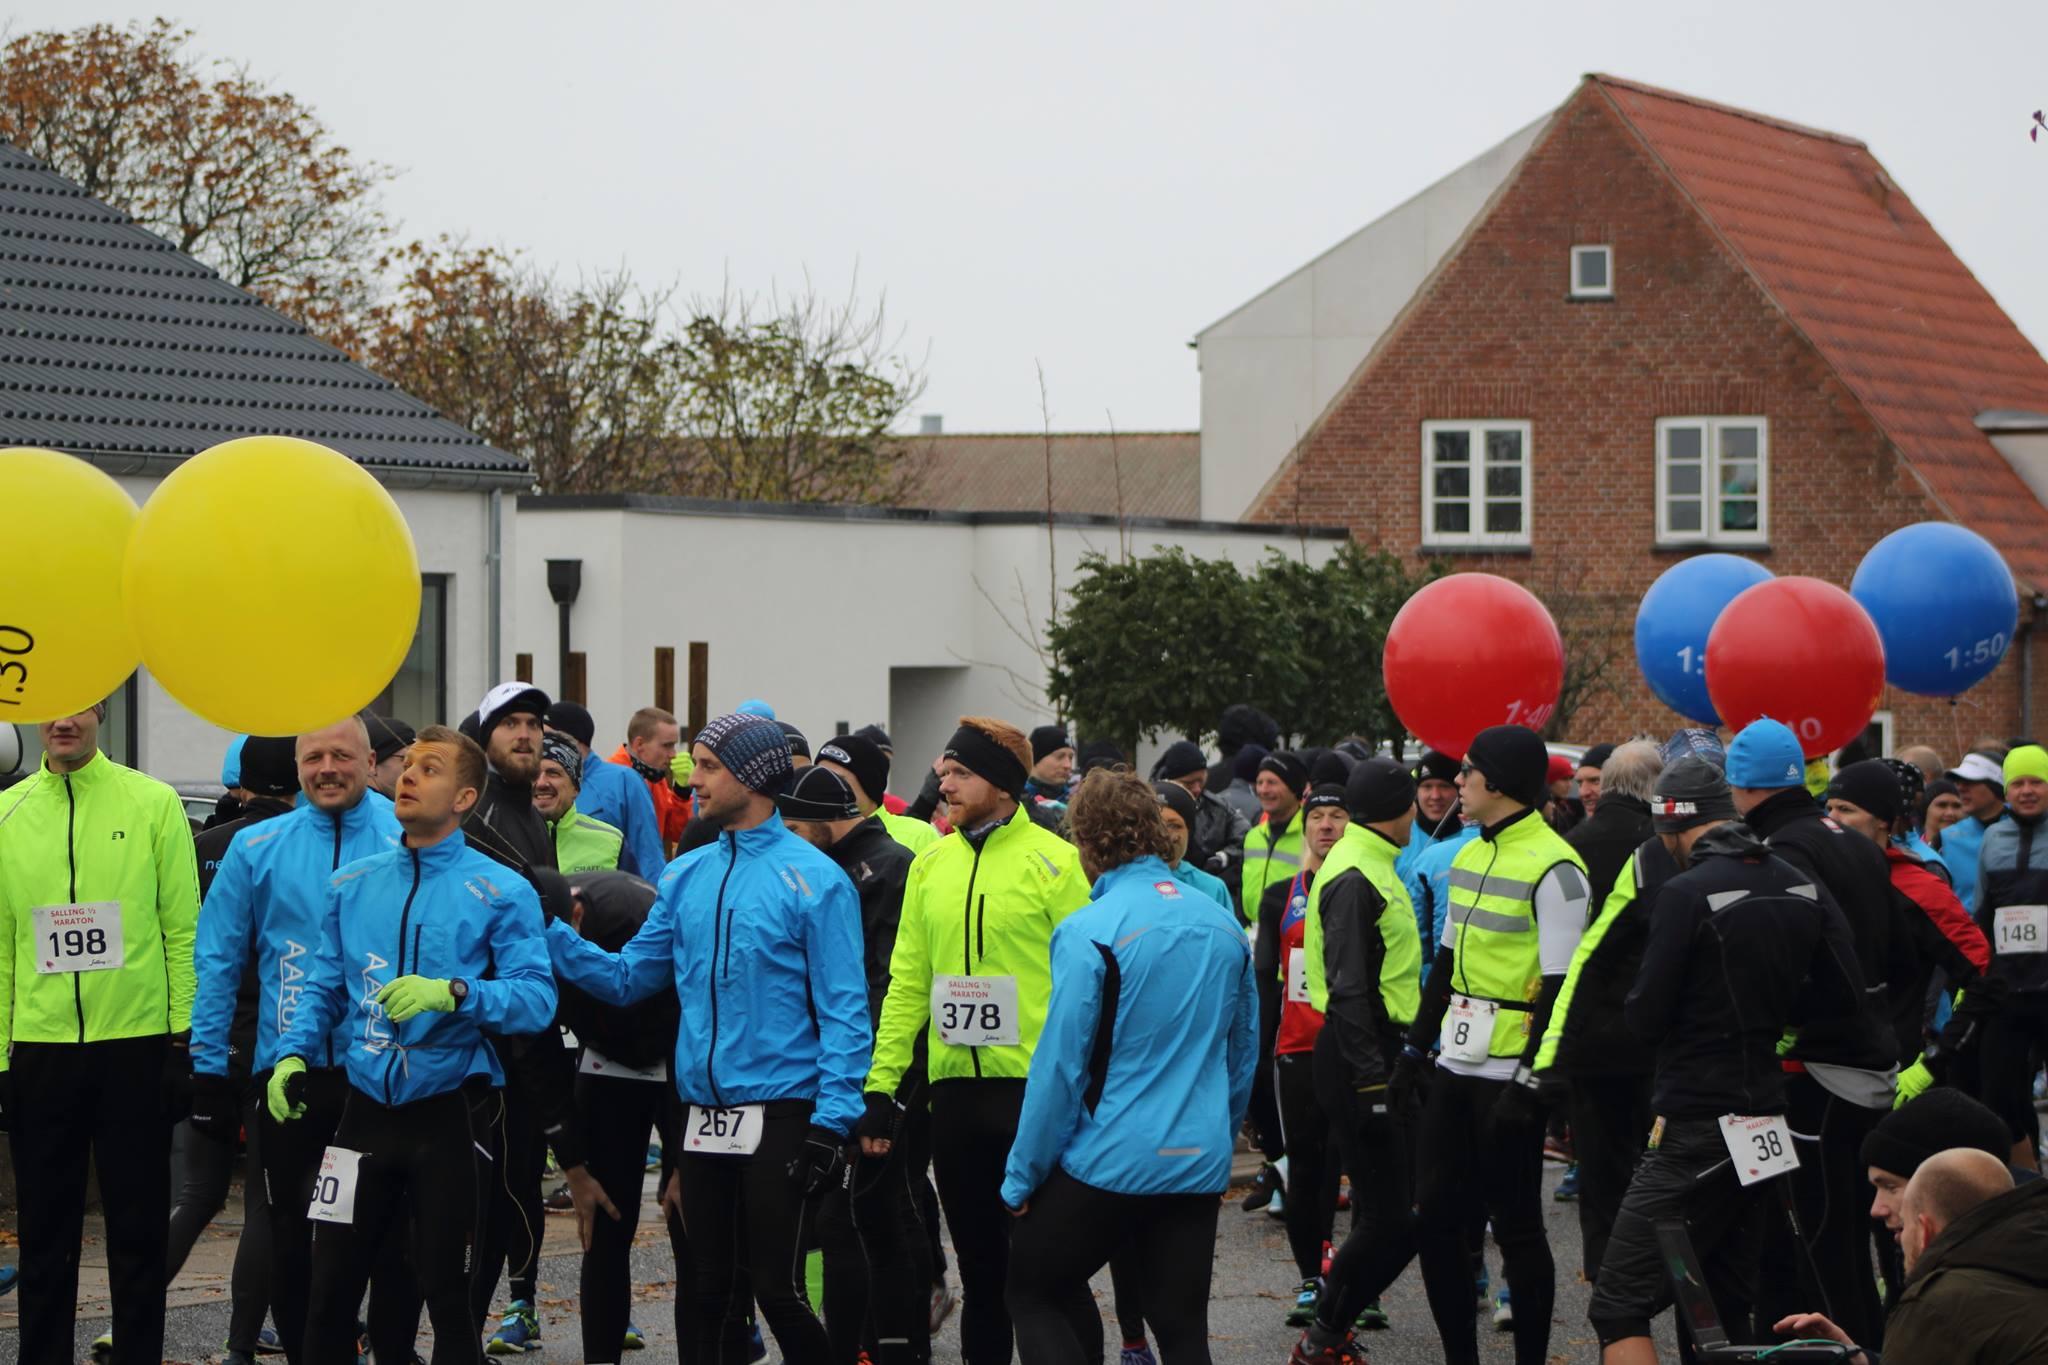 Så må starten gerne snart gå, så vi kan løbe os til varmen :-) Foto: Anders Høgh